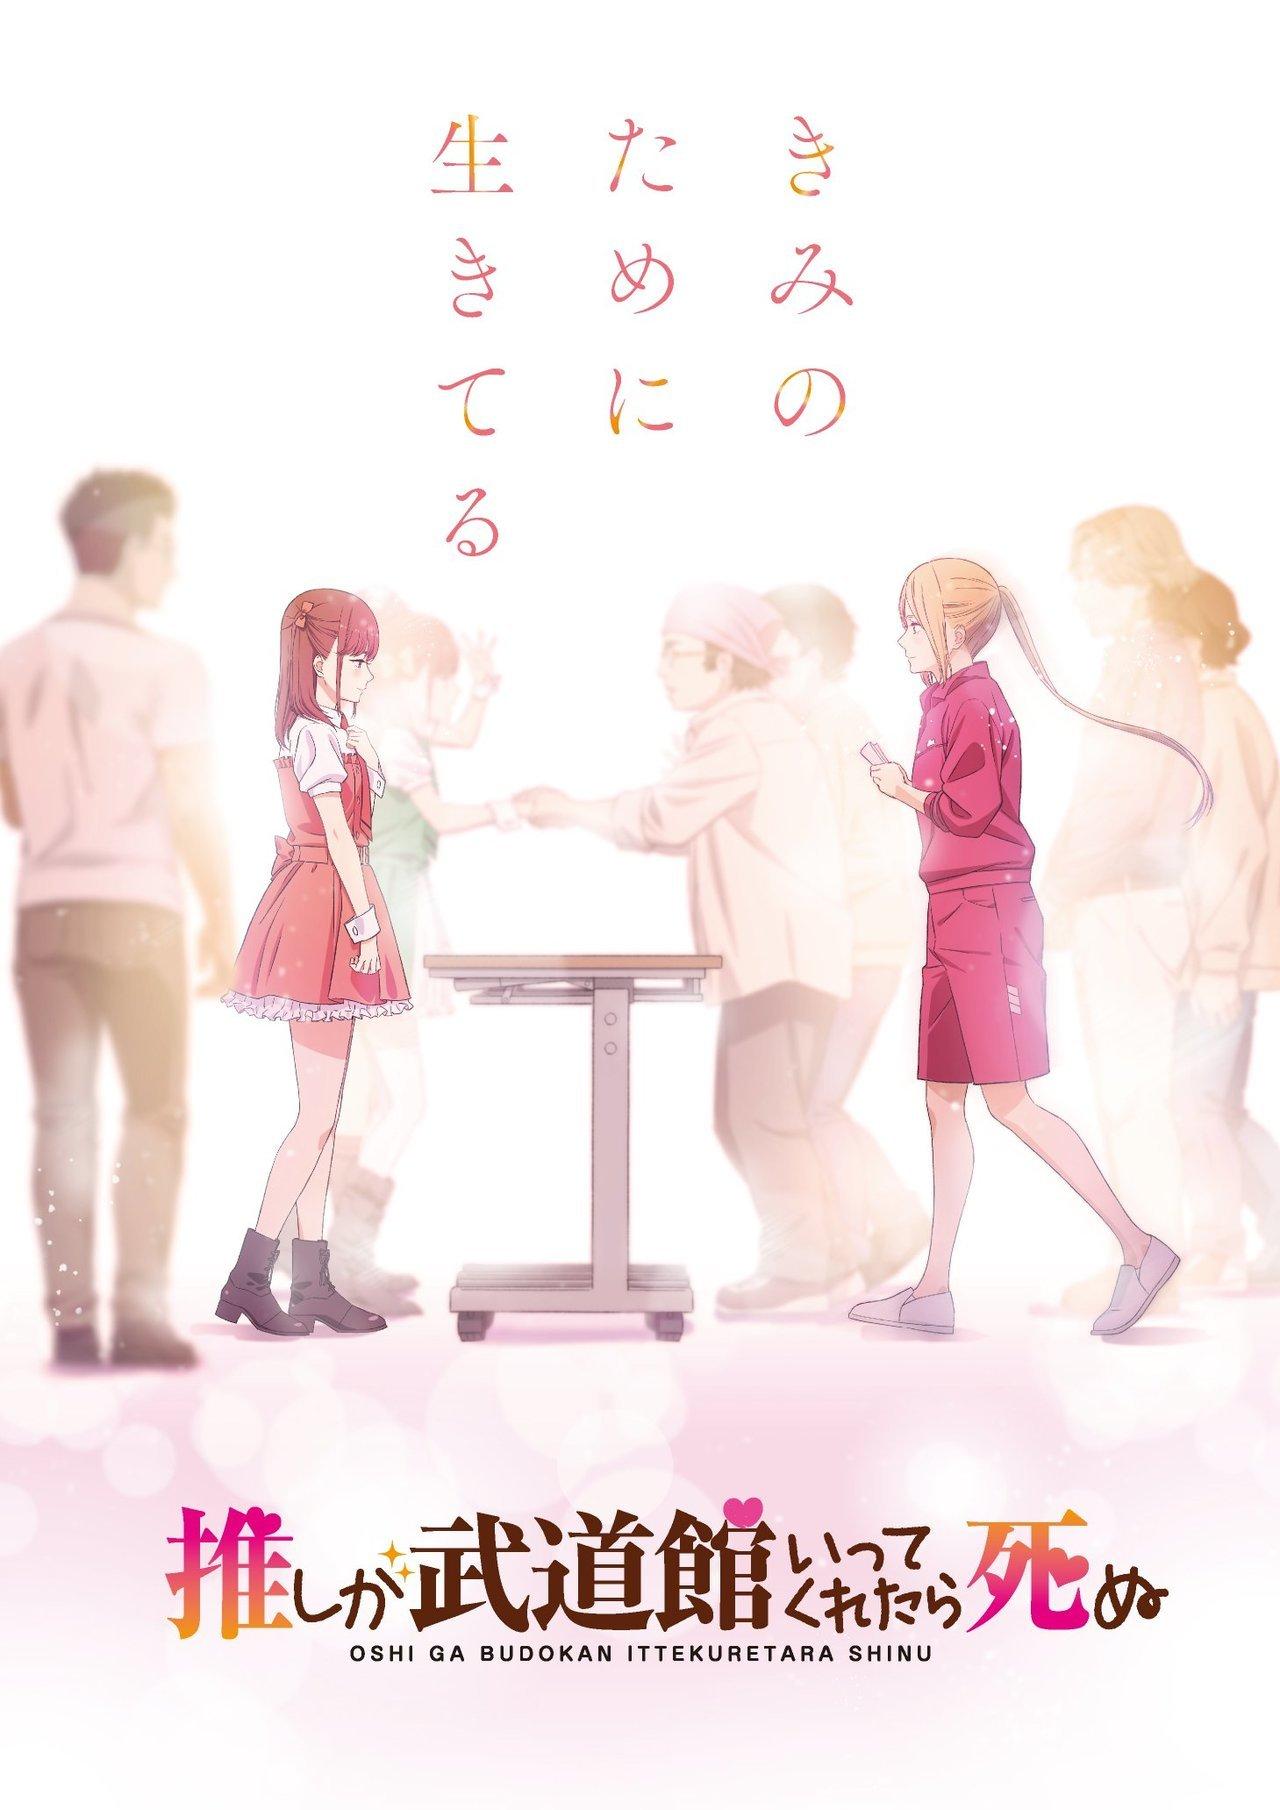 Oshi ga Budokan Itte Kuretara Shinu Affiche 2